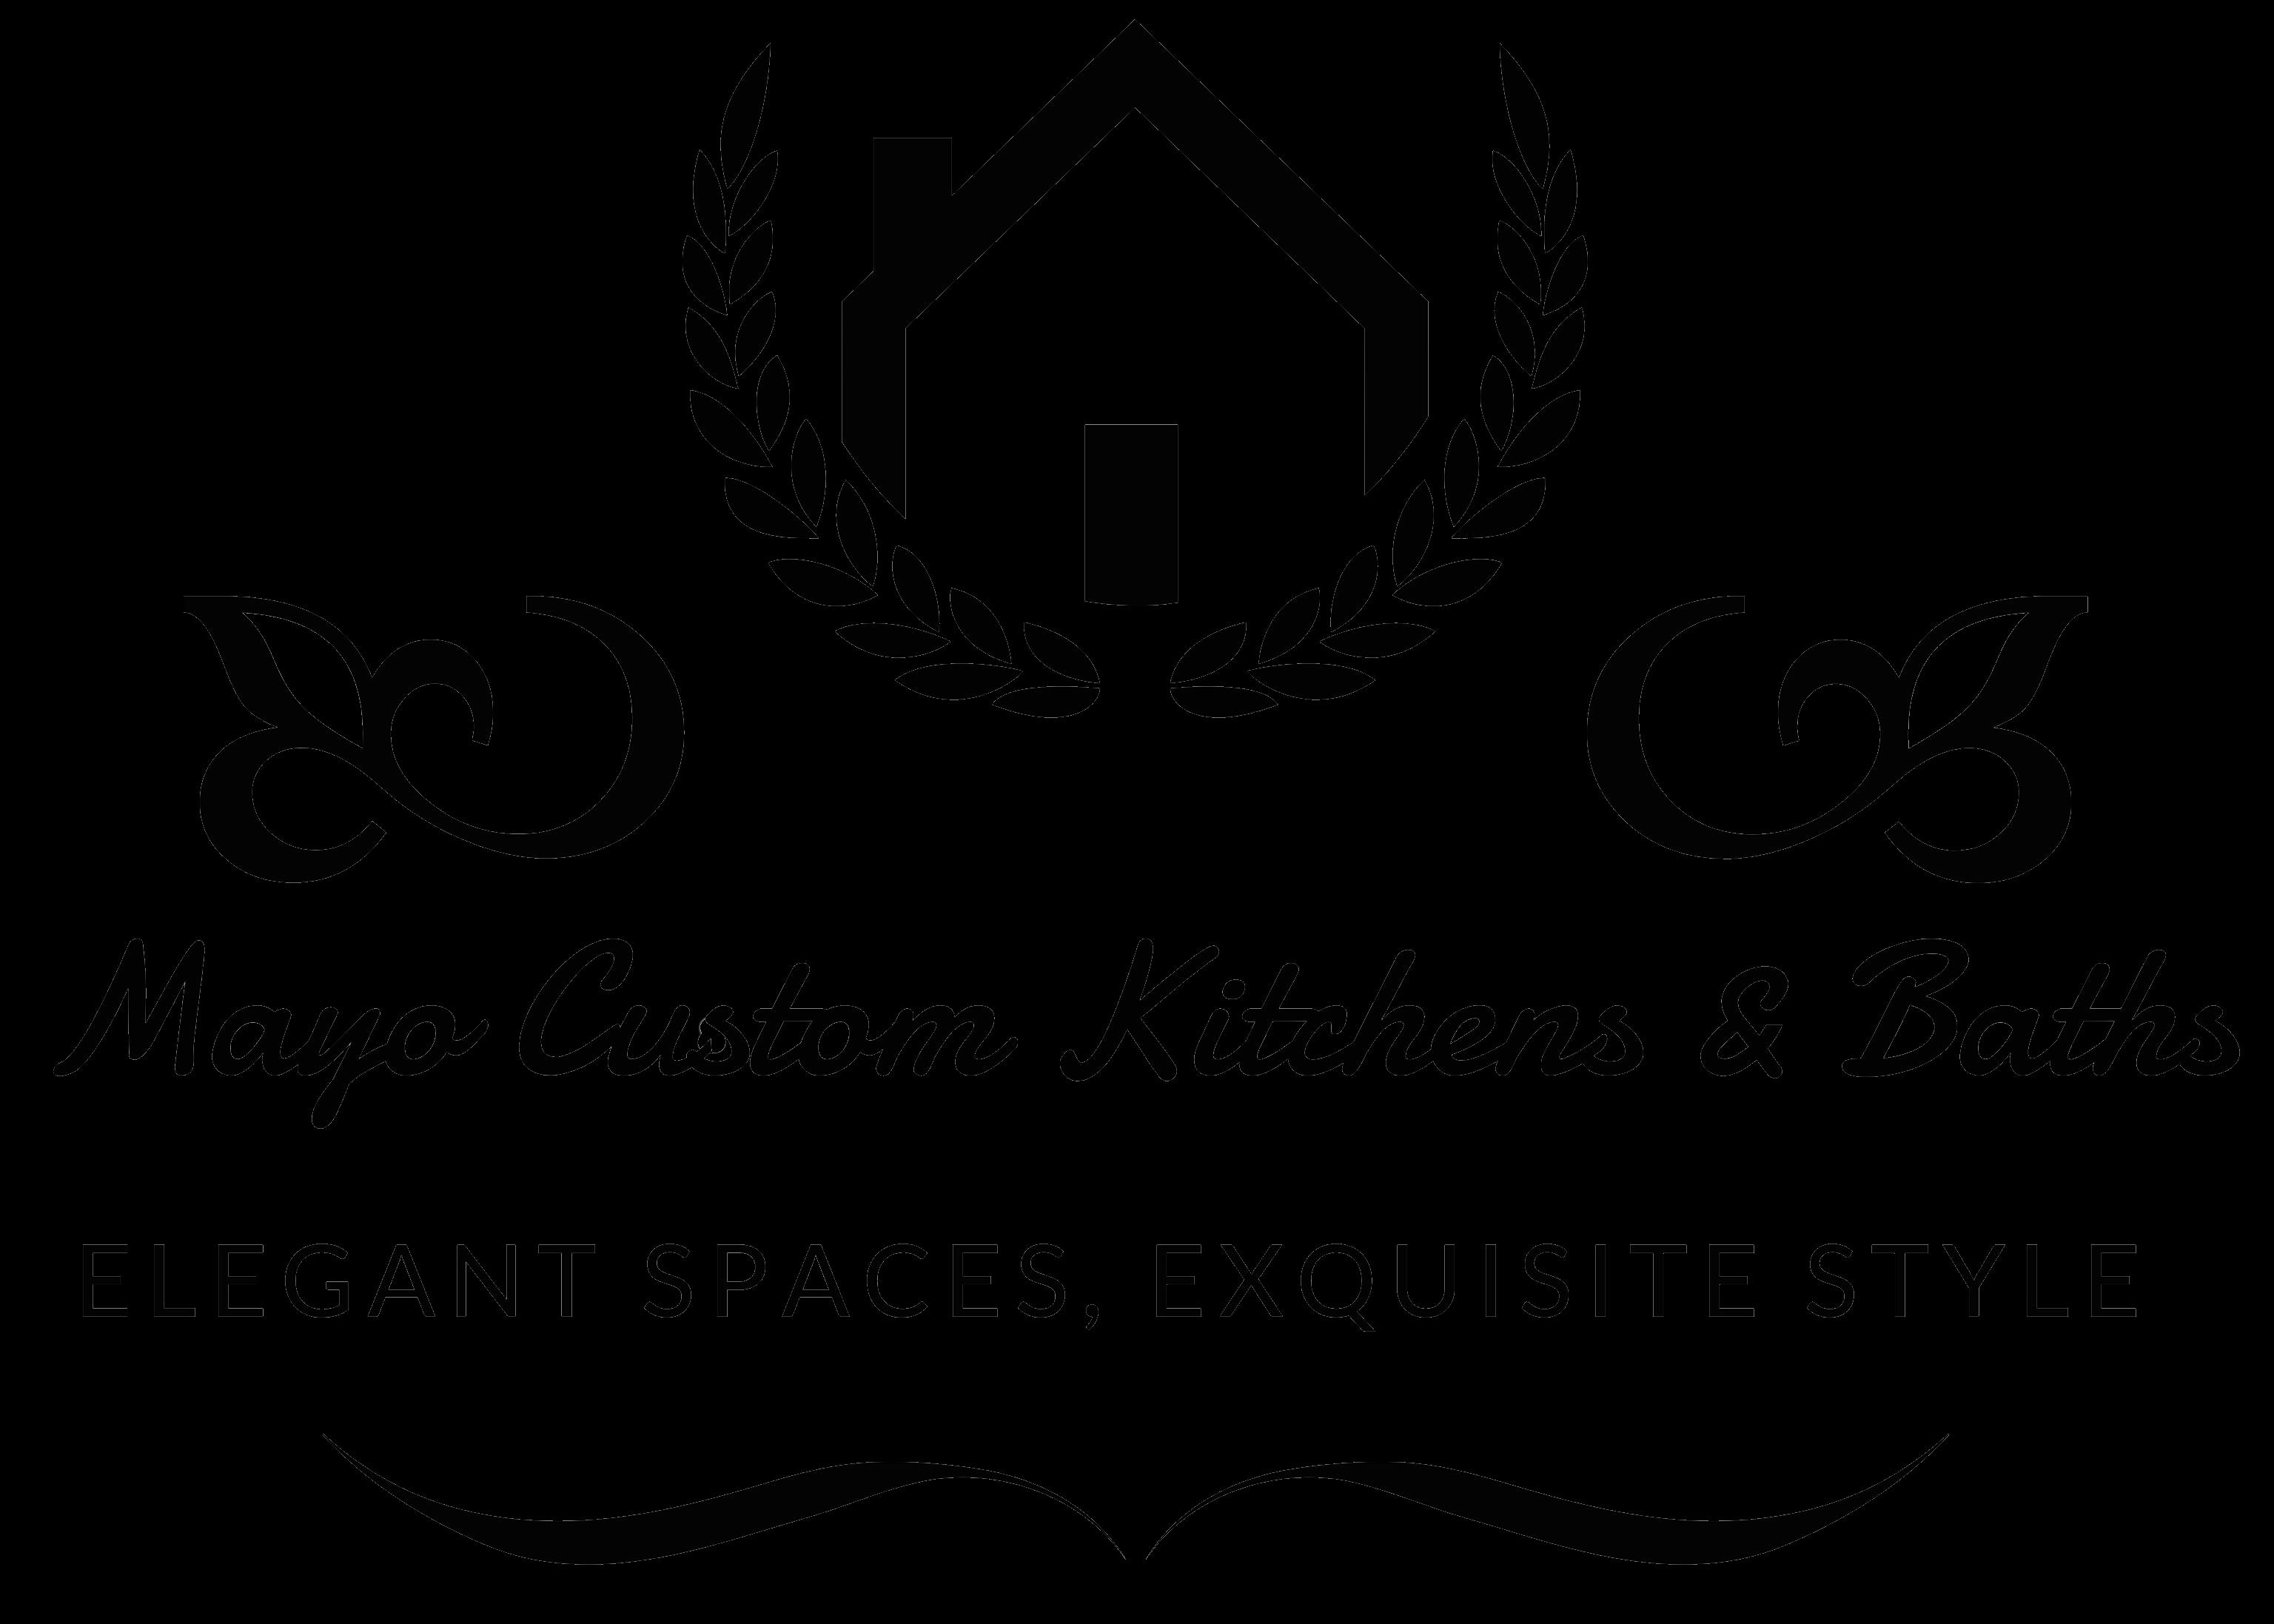 Mayo Custom Kitchens & Baths LLC logo